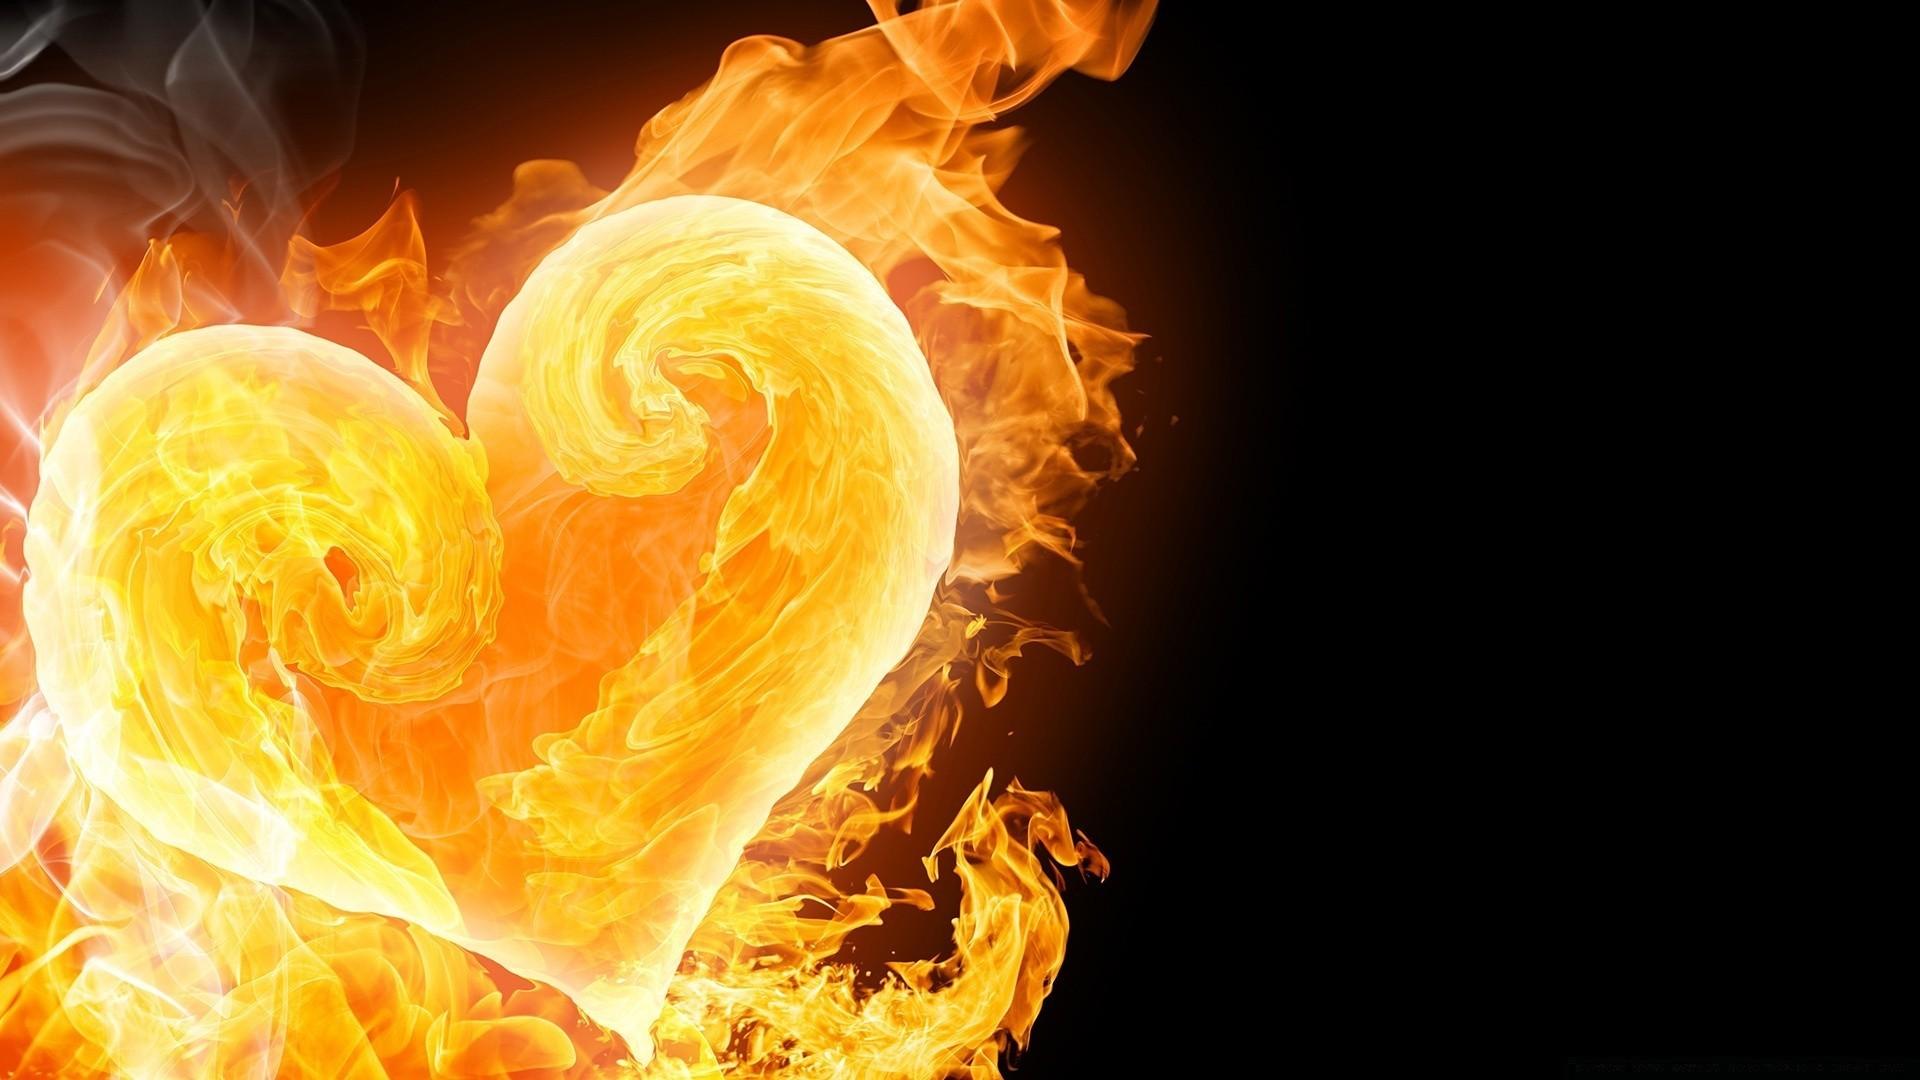 Сердце из дыма скачать